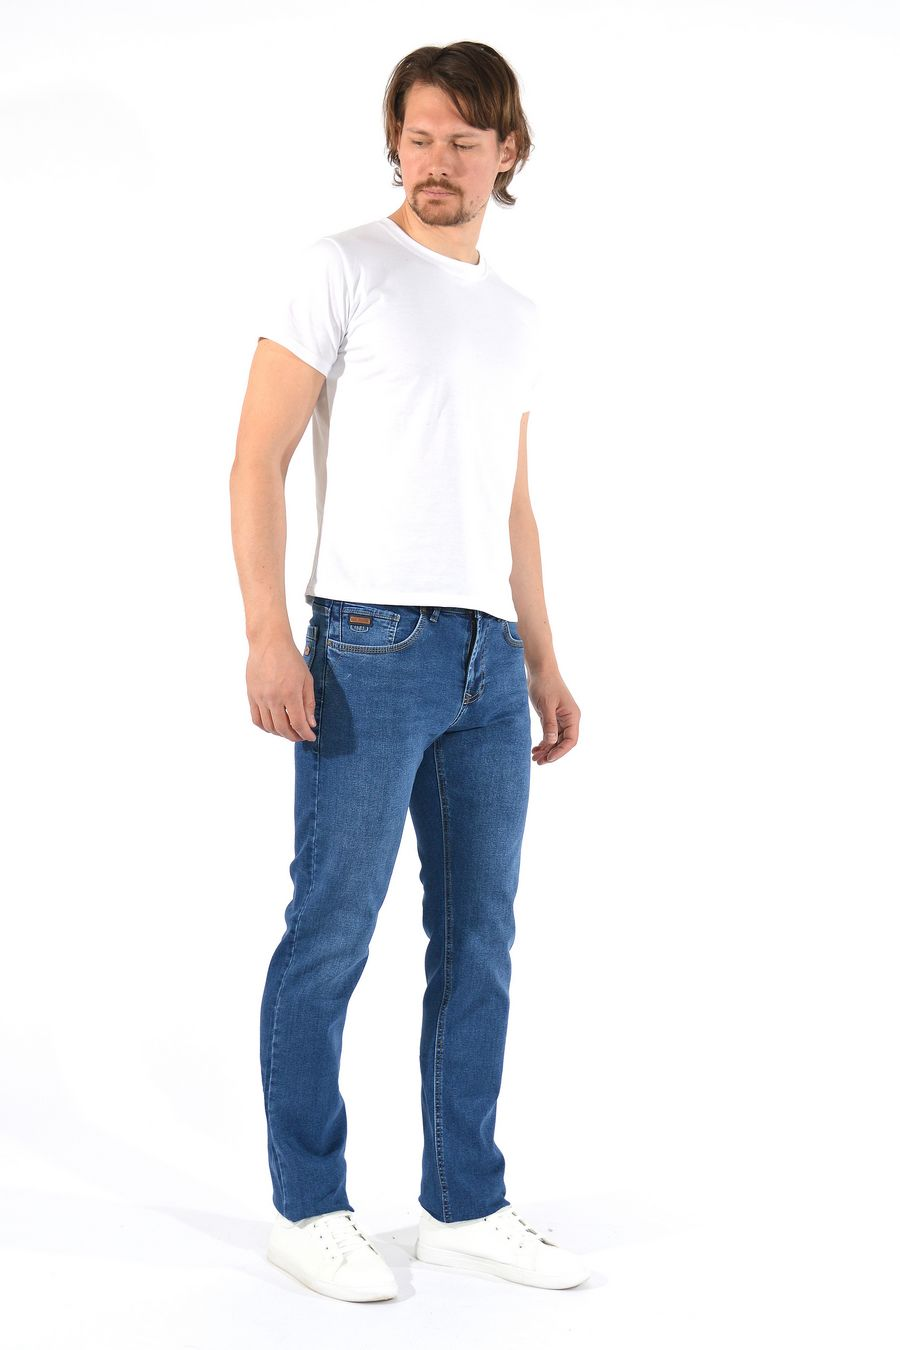 Джинсы мужские MAC Person 2903-12238 Mavi L38 - фото 2